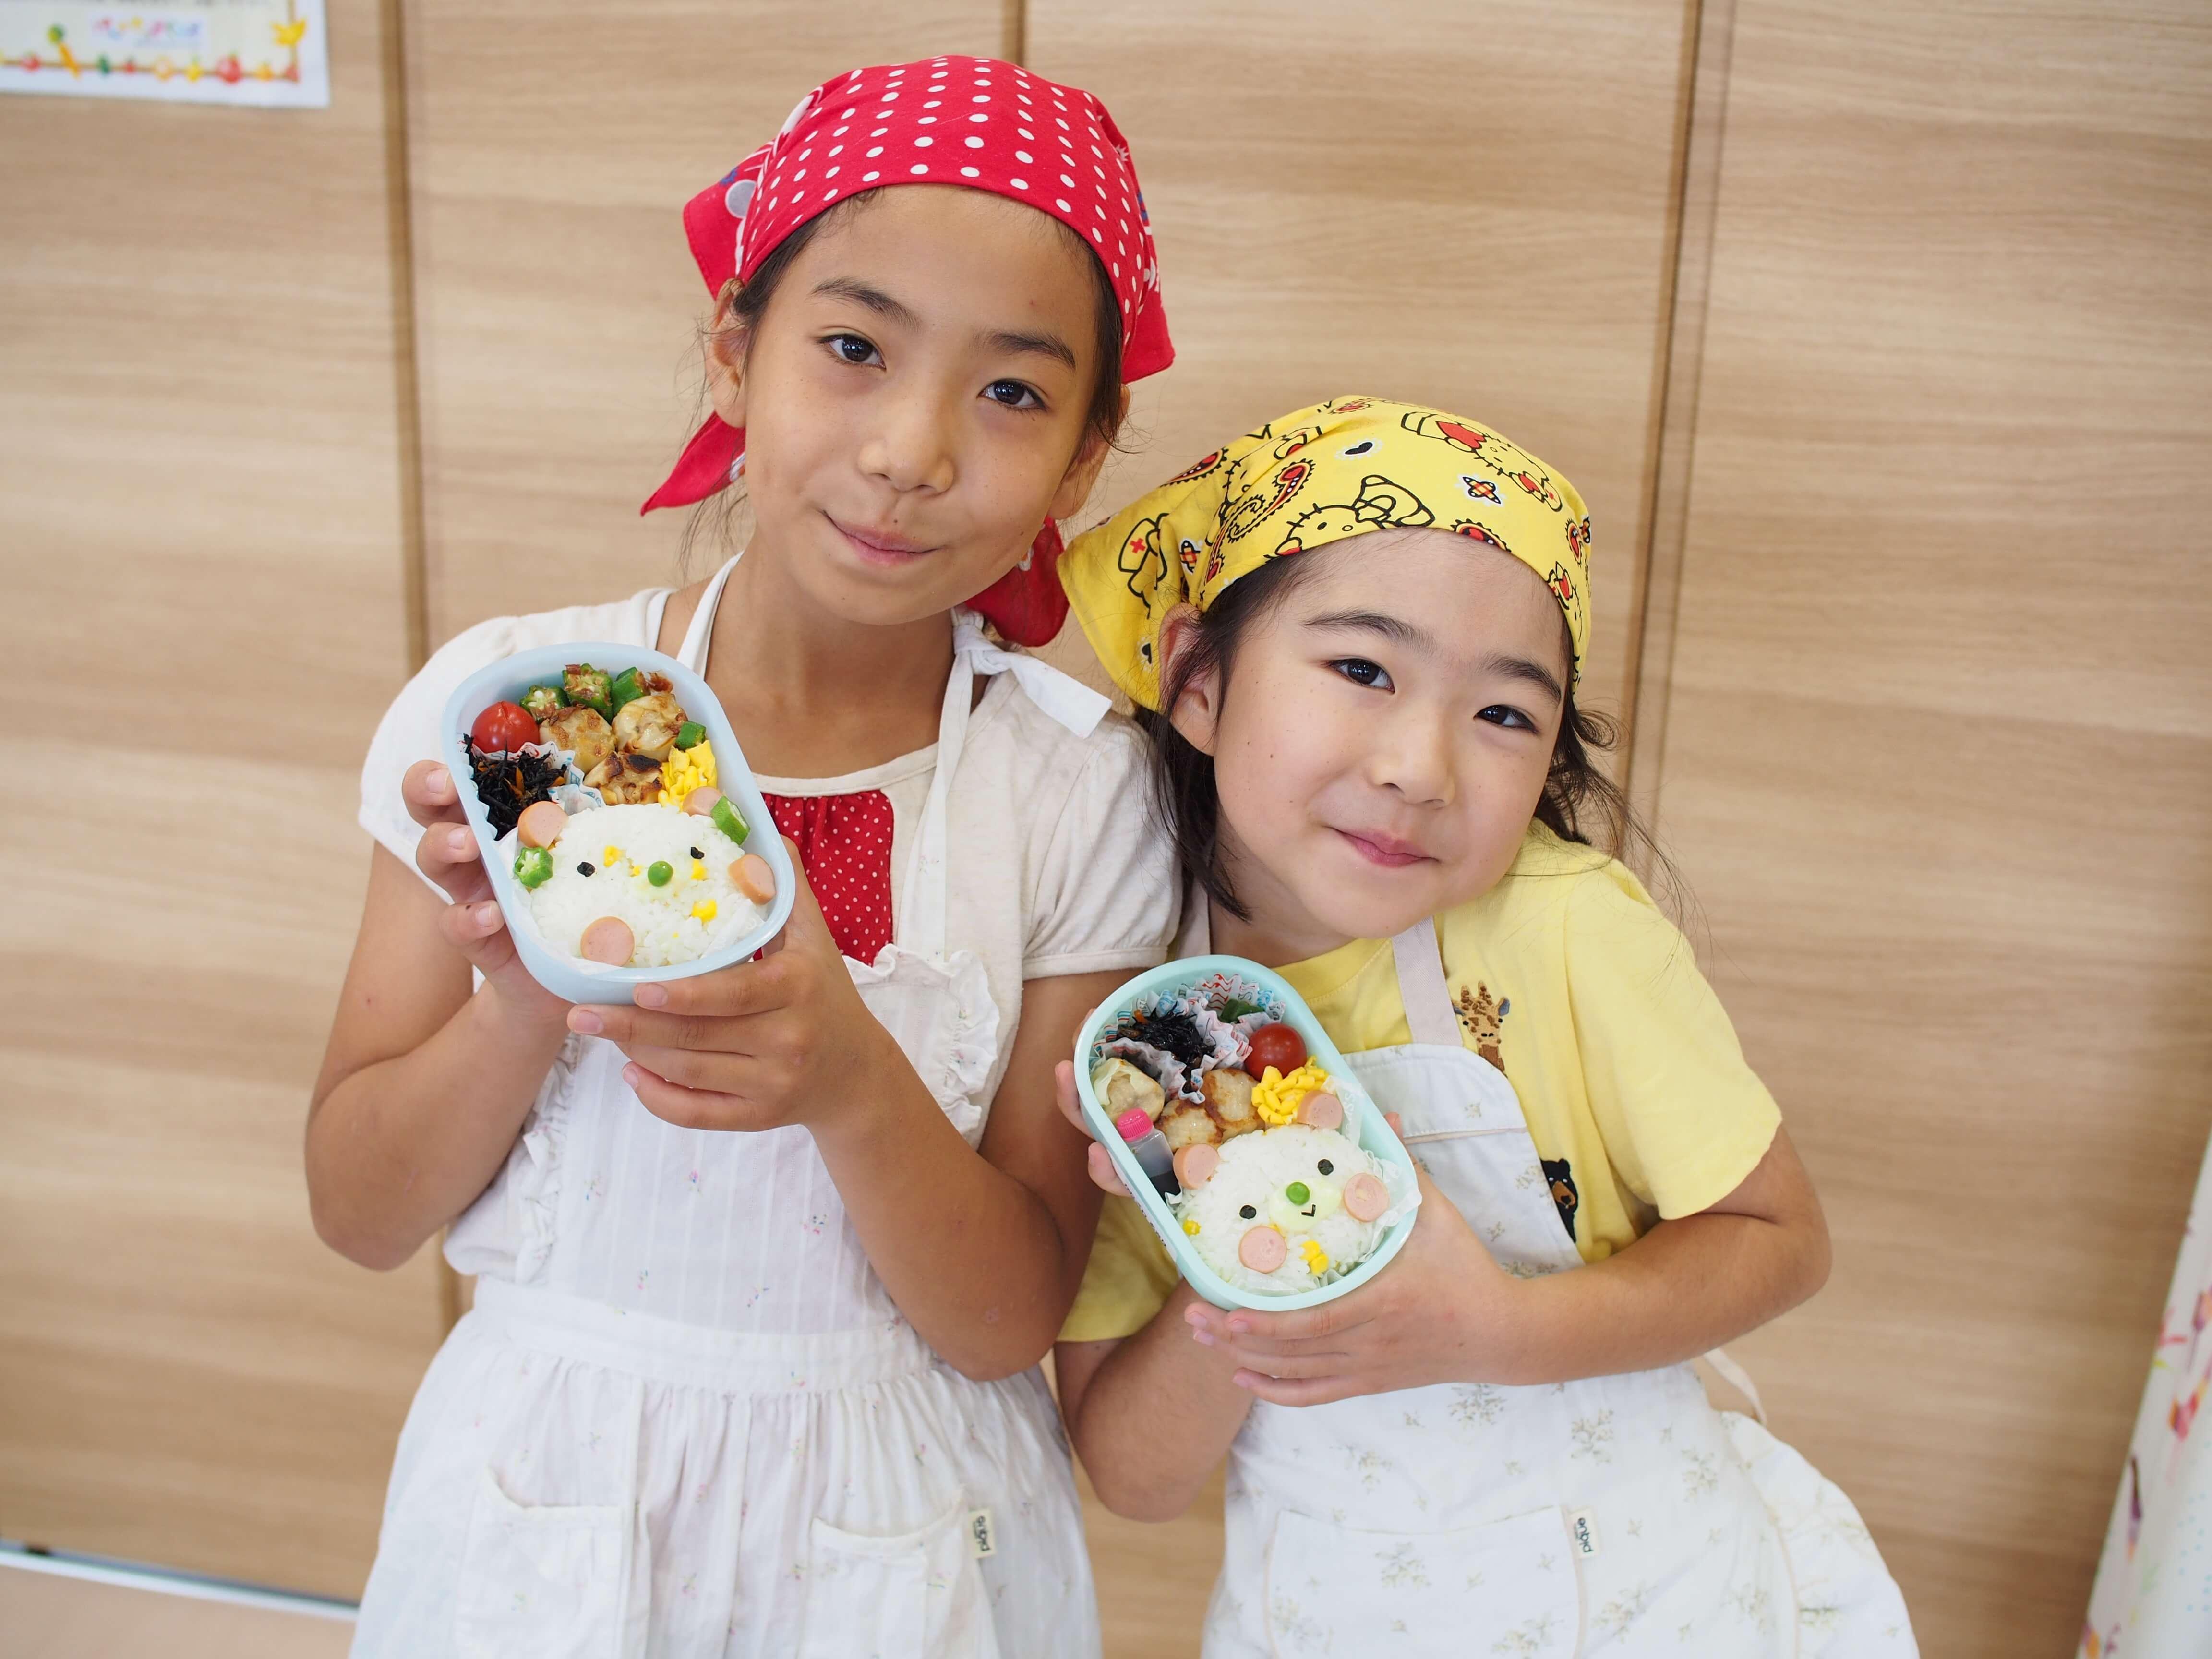 お弁当・キャラ弁の専門家を育てて、笑顔が生まれる楽しいごはんを広げる働き方|沼端恵美子さん